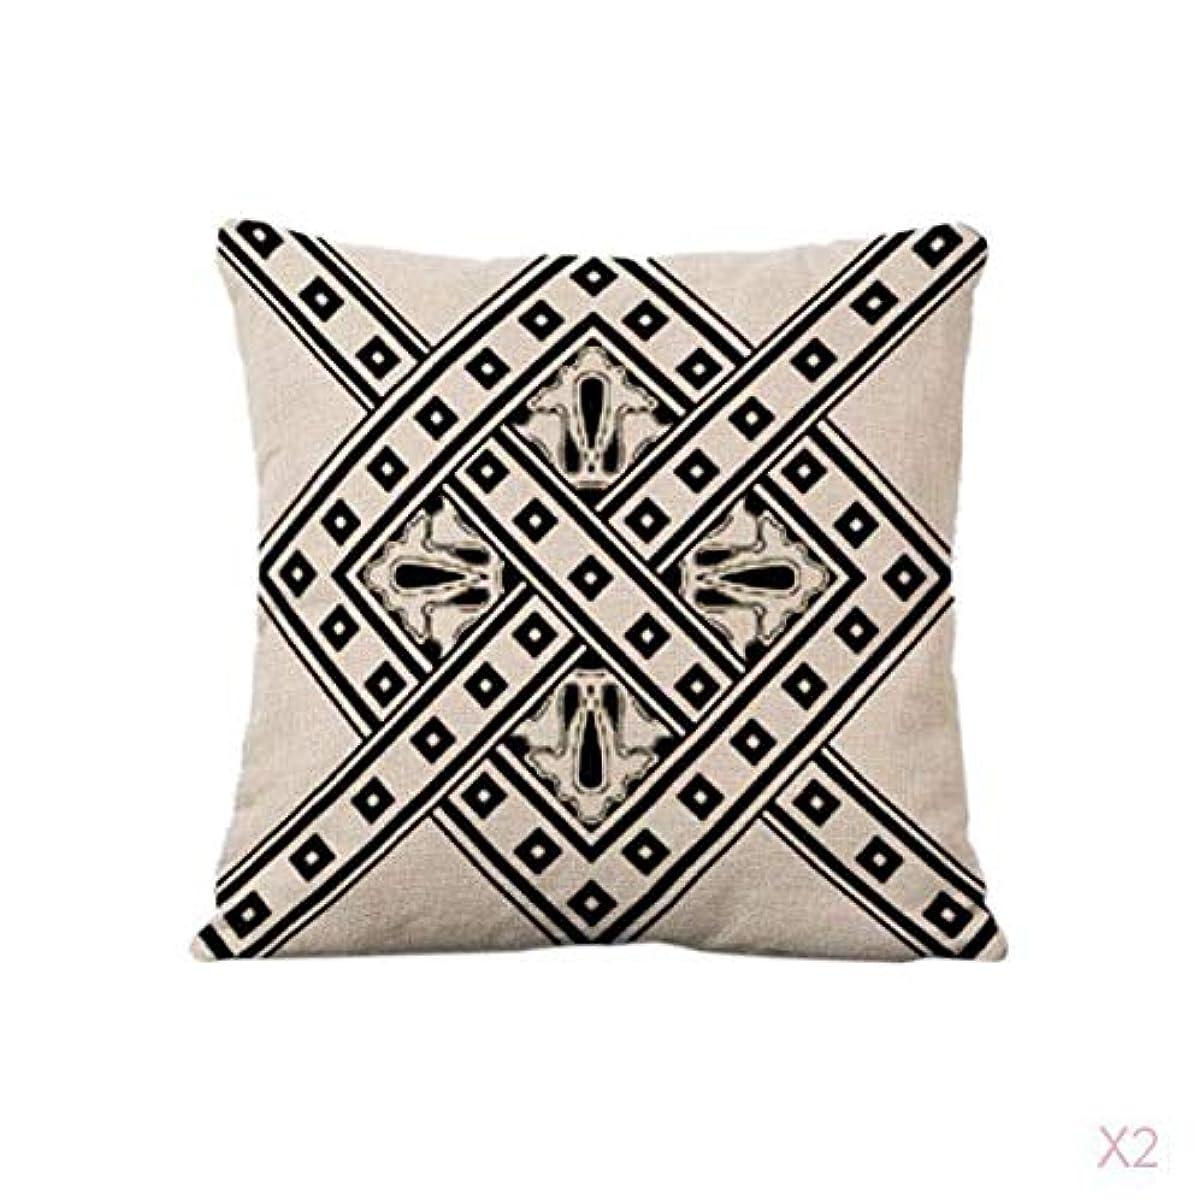 宣伝ジャンプする驚きFLAMEER クッションカバー5色シンプルな幾何学模様のリネンソファー腰枕カバー